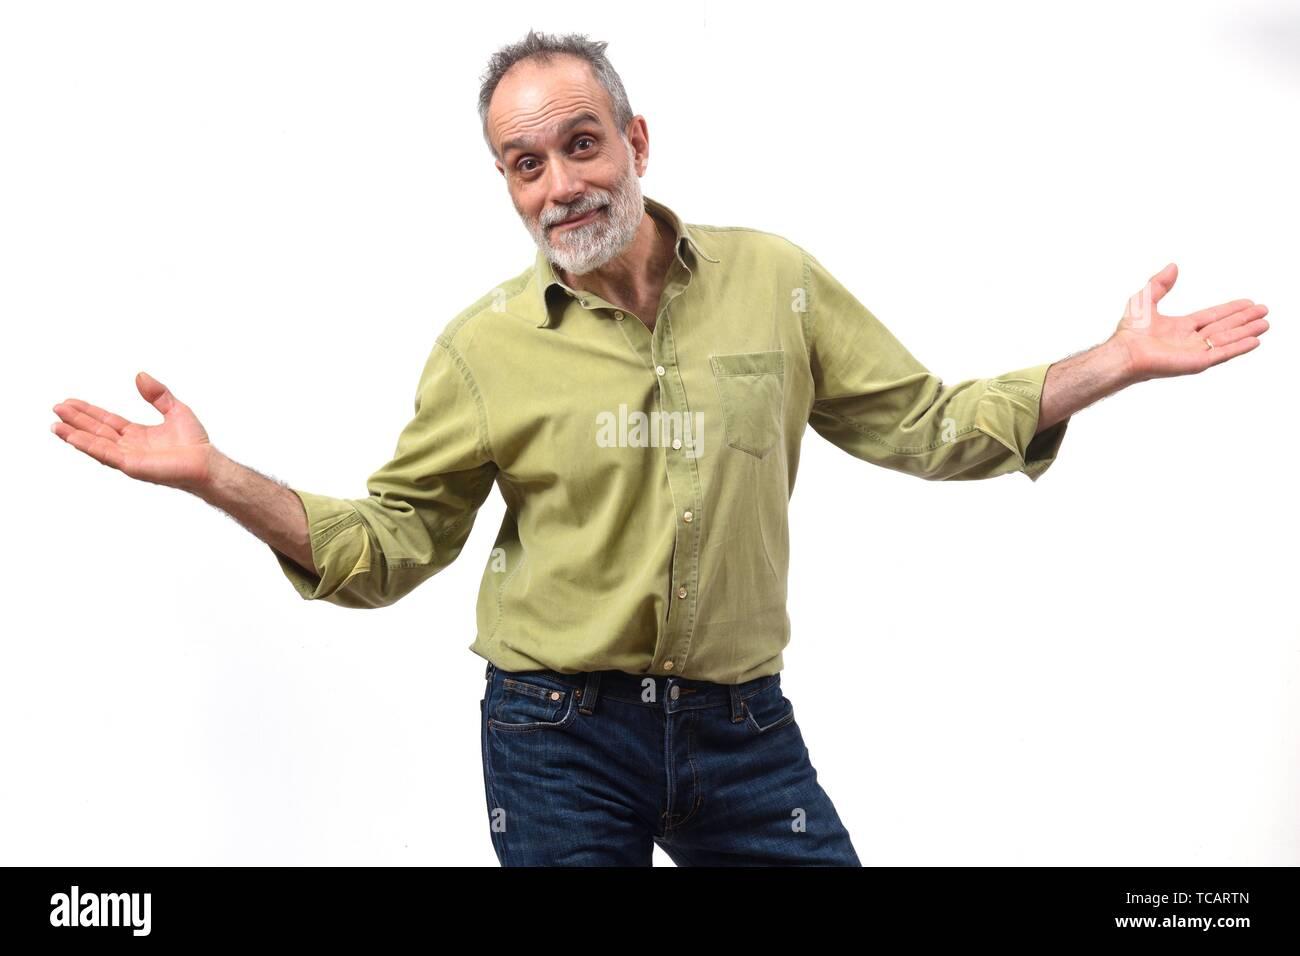 Mann mit Zweifel oder verwirrt Ausdruck auf weißem Hintergrund. Stockbild